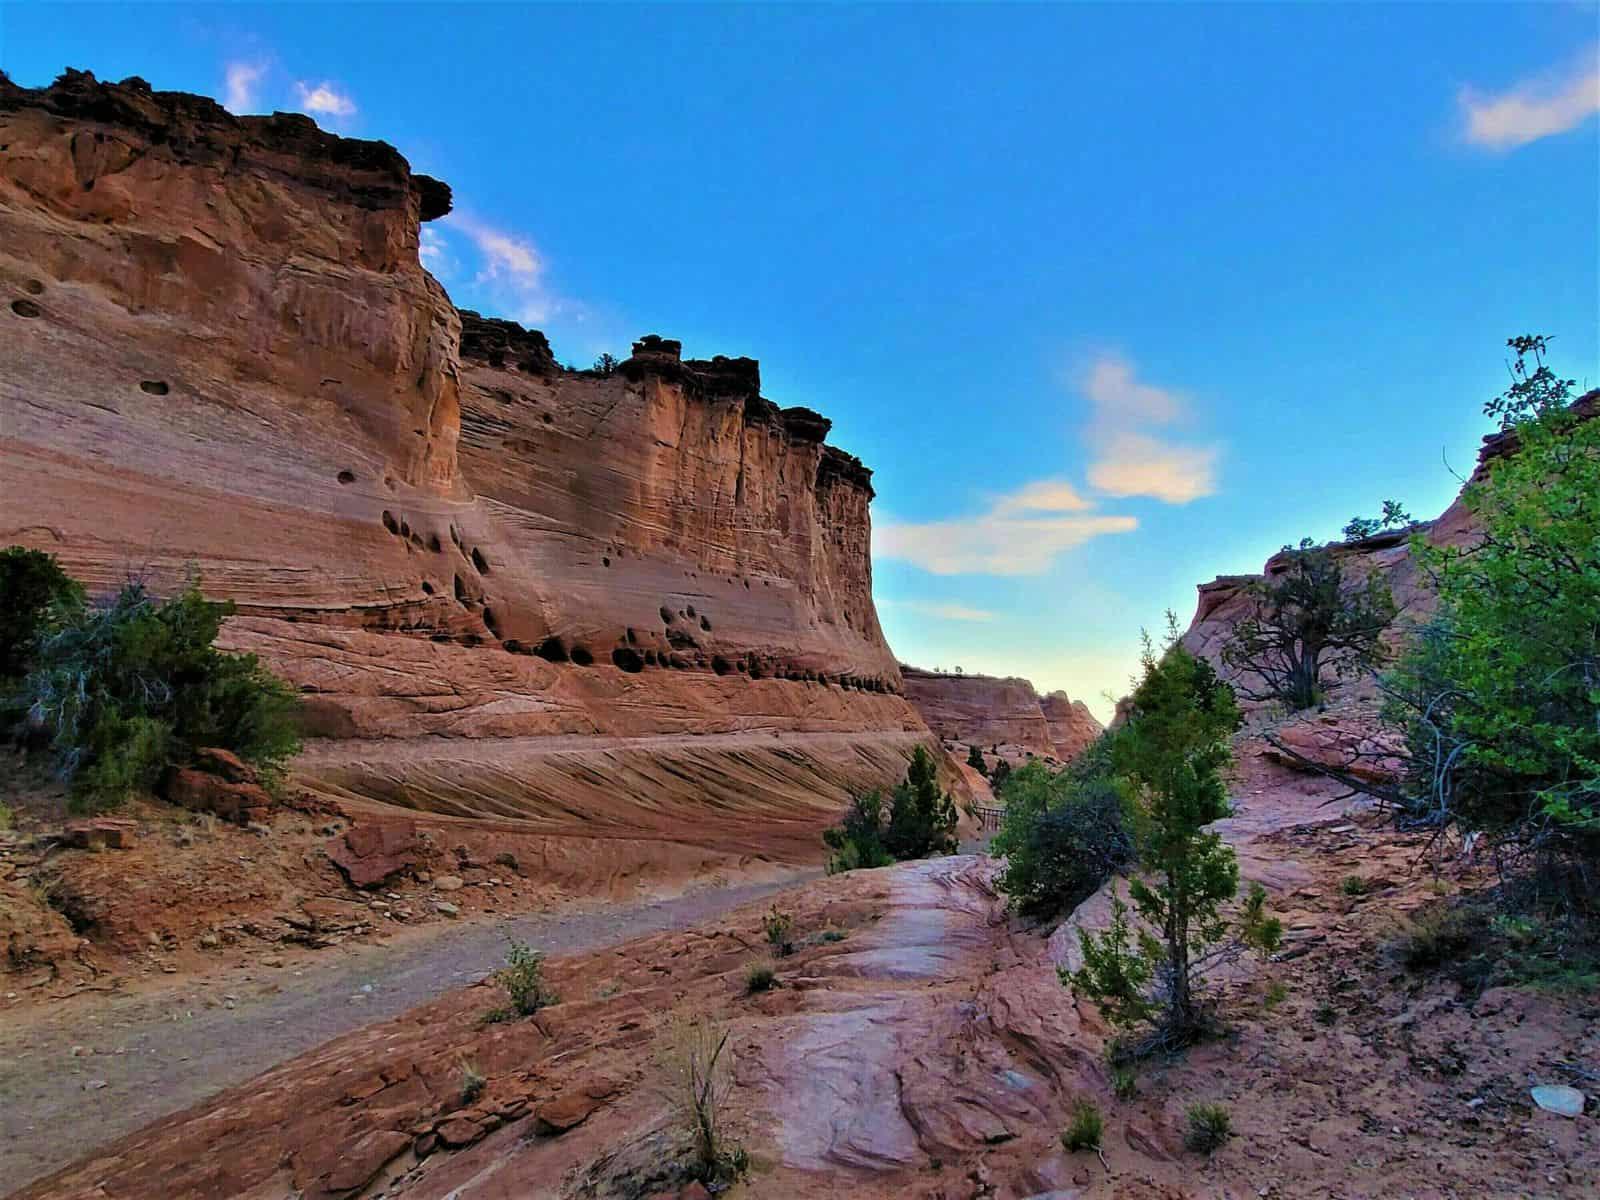 canyon at escalante